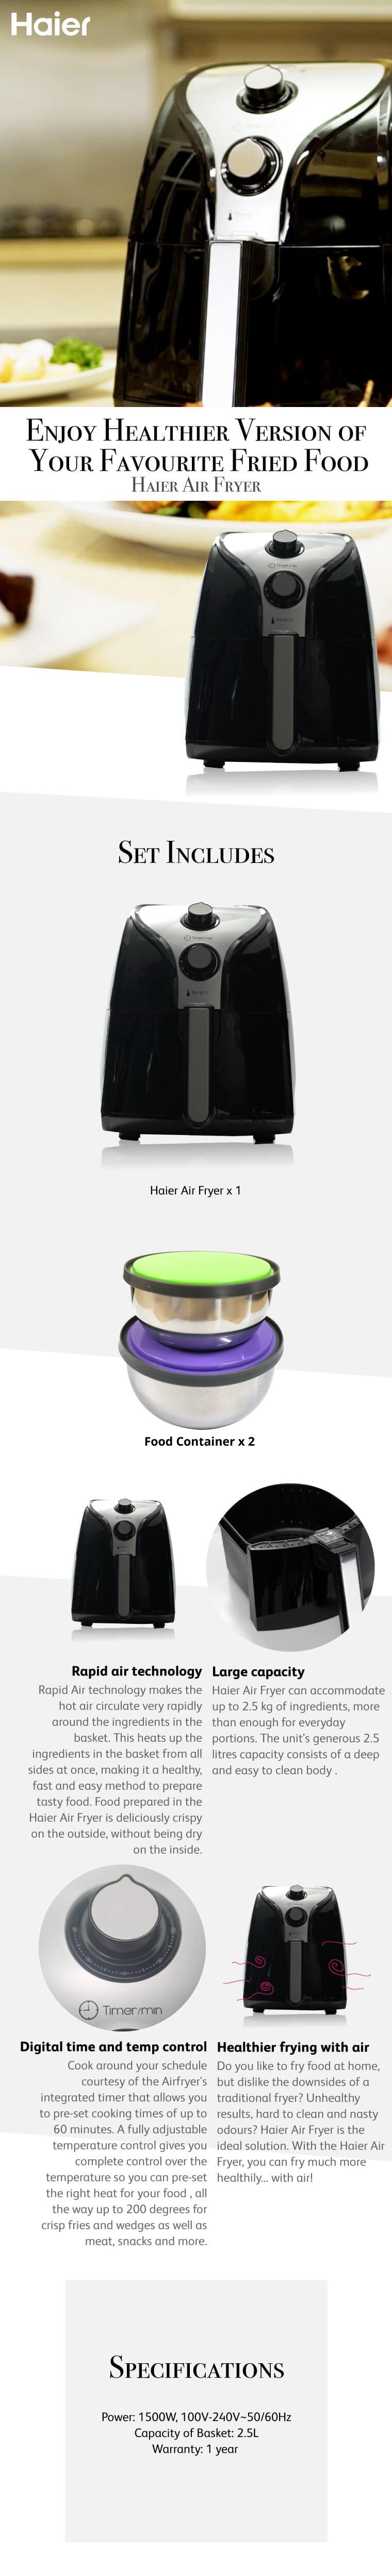 Haier Air Fryer | Go Shop